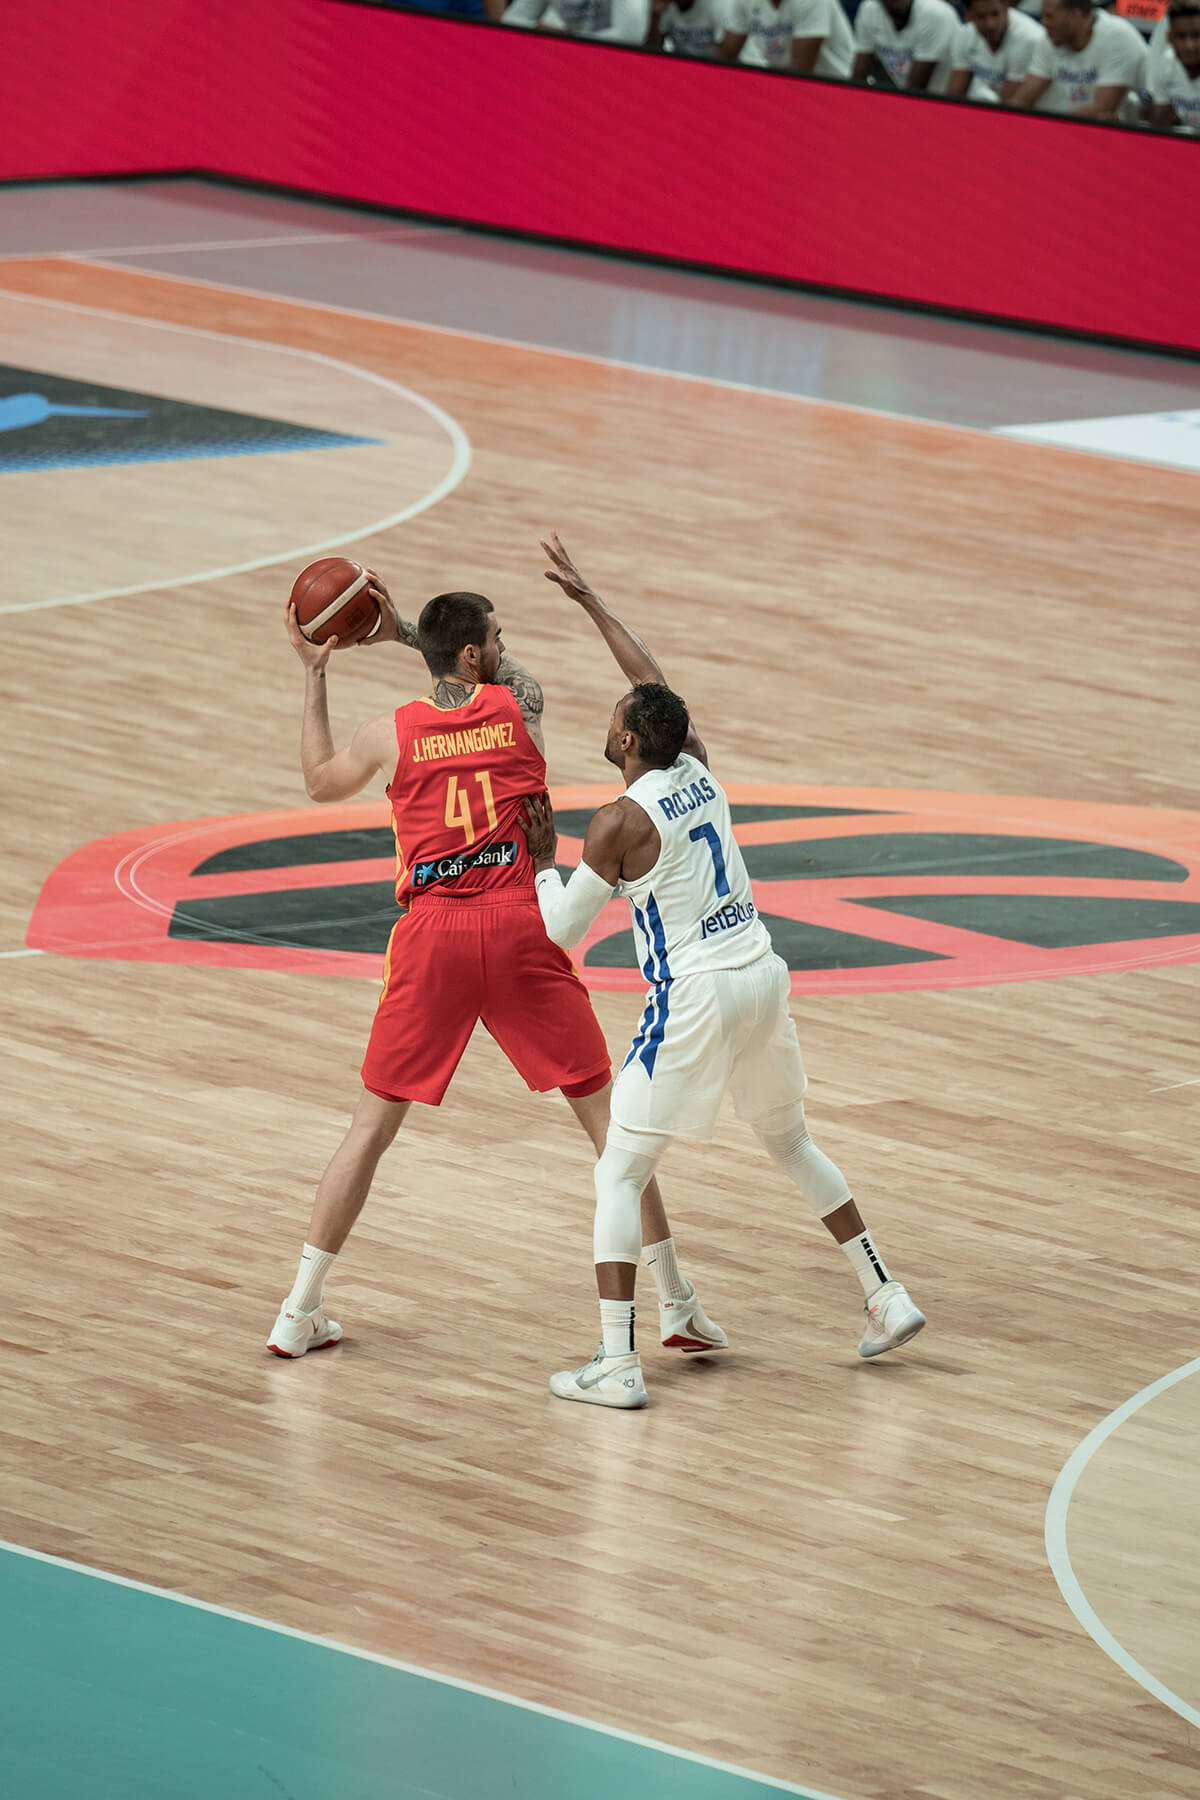 España vs RDC - Juancho Hernangómez